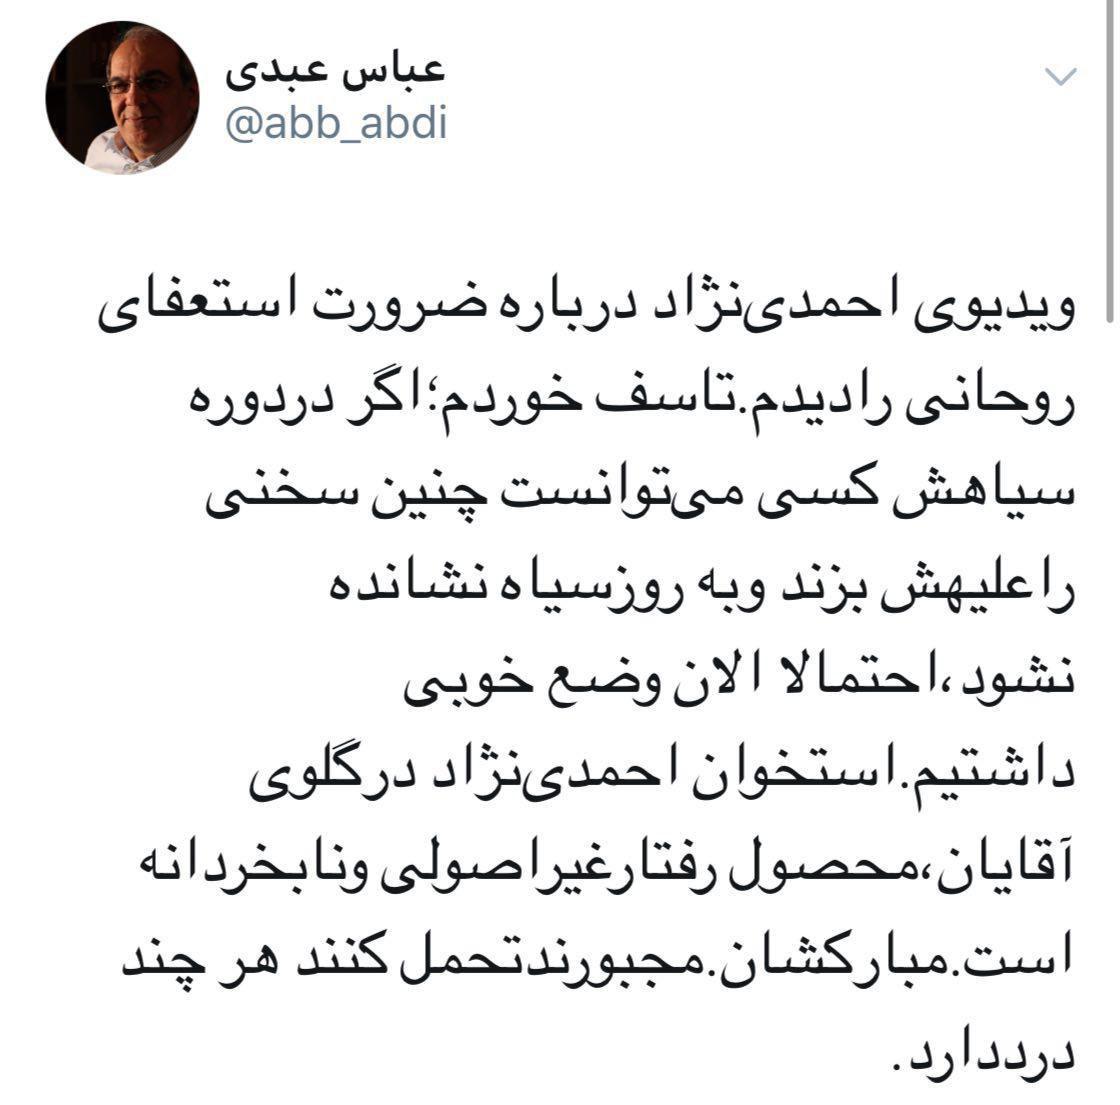 احمدی نژاد، استخوان در گلوی آقایان شده است / در دوره سياهش می شد اين حرفها را زد؟